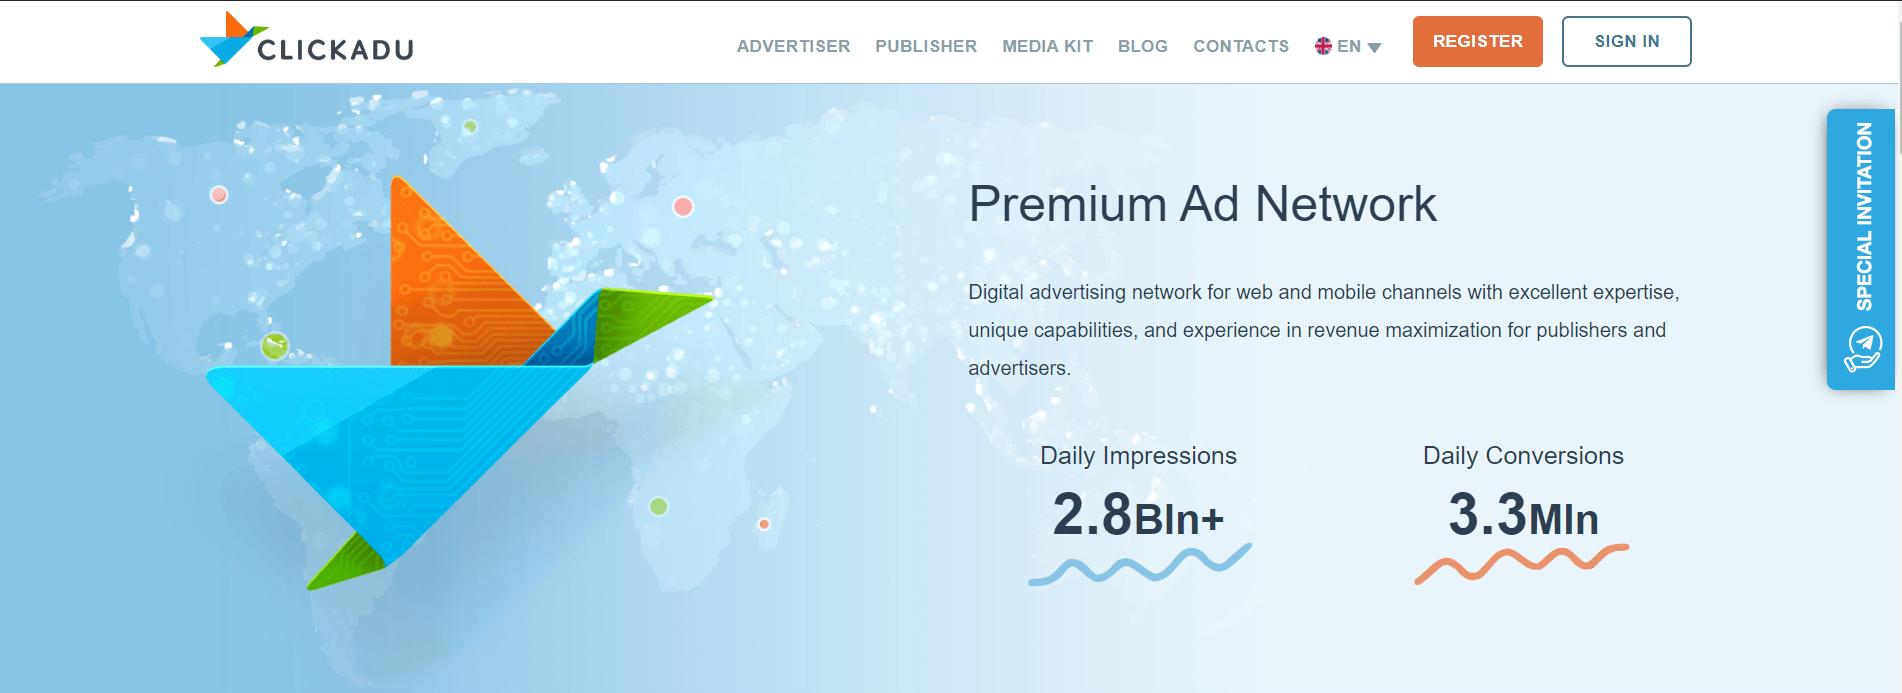 Best Ad Network - Clickadu